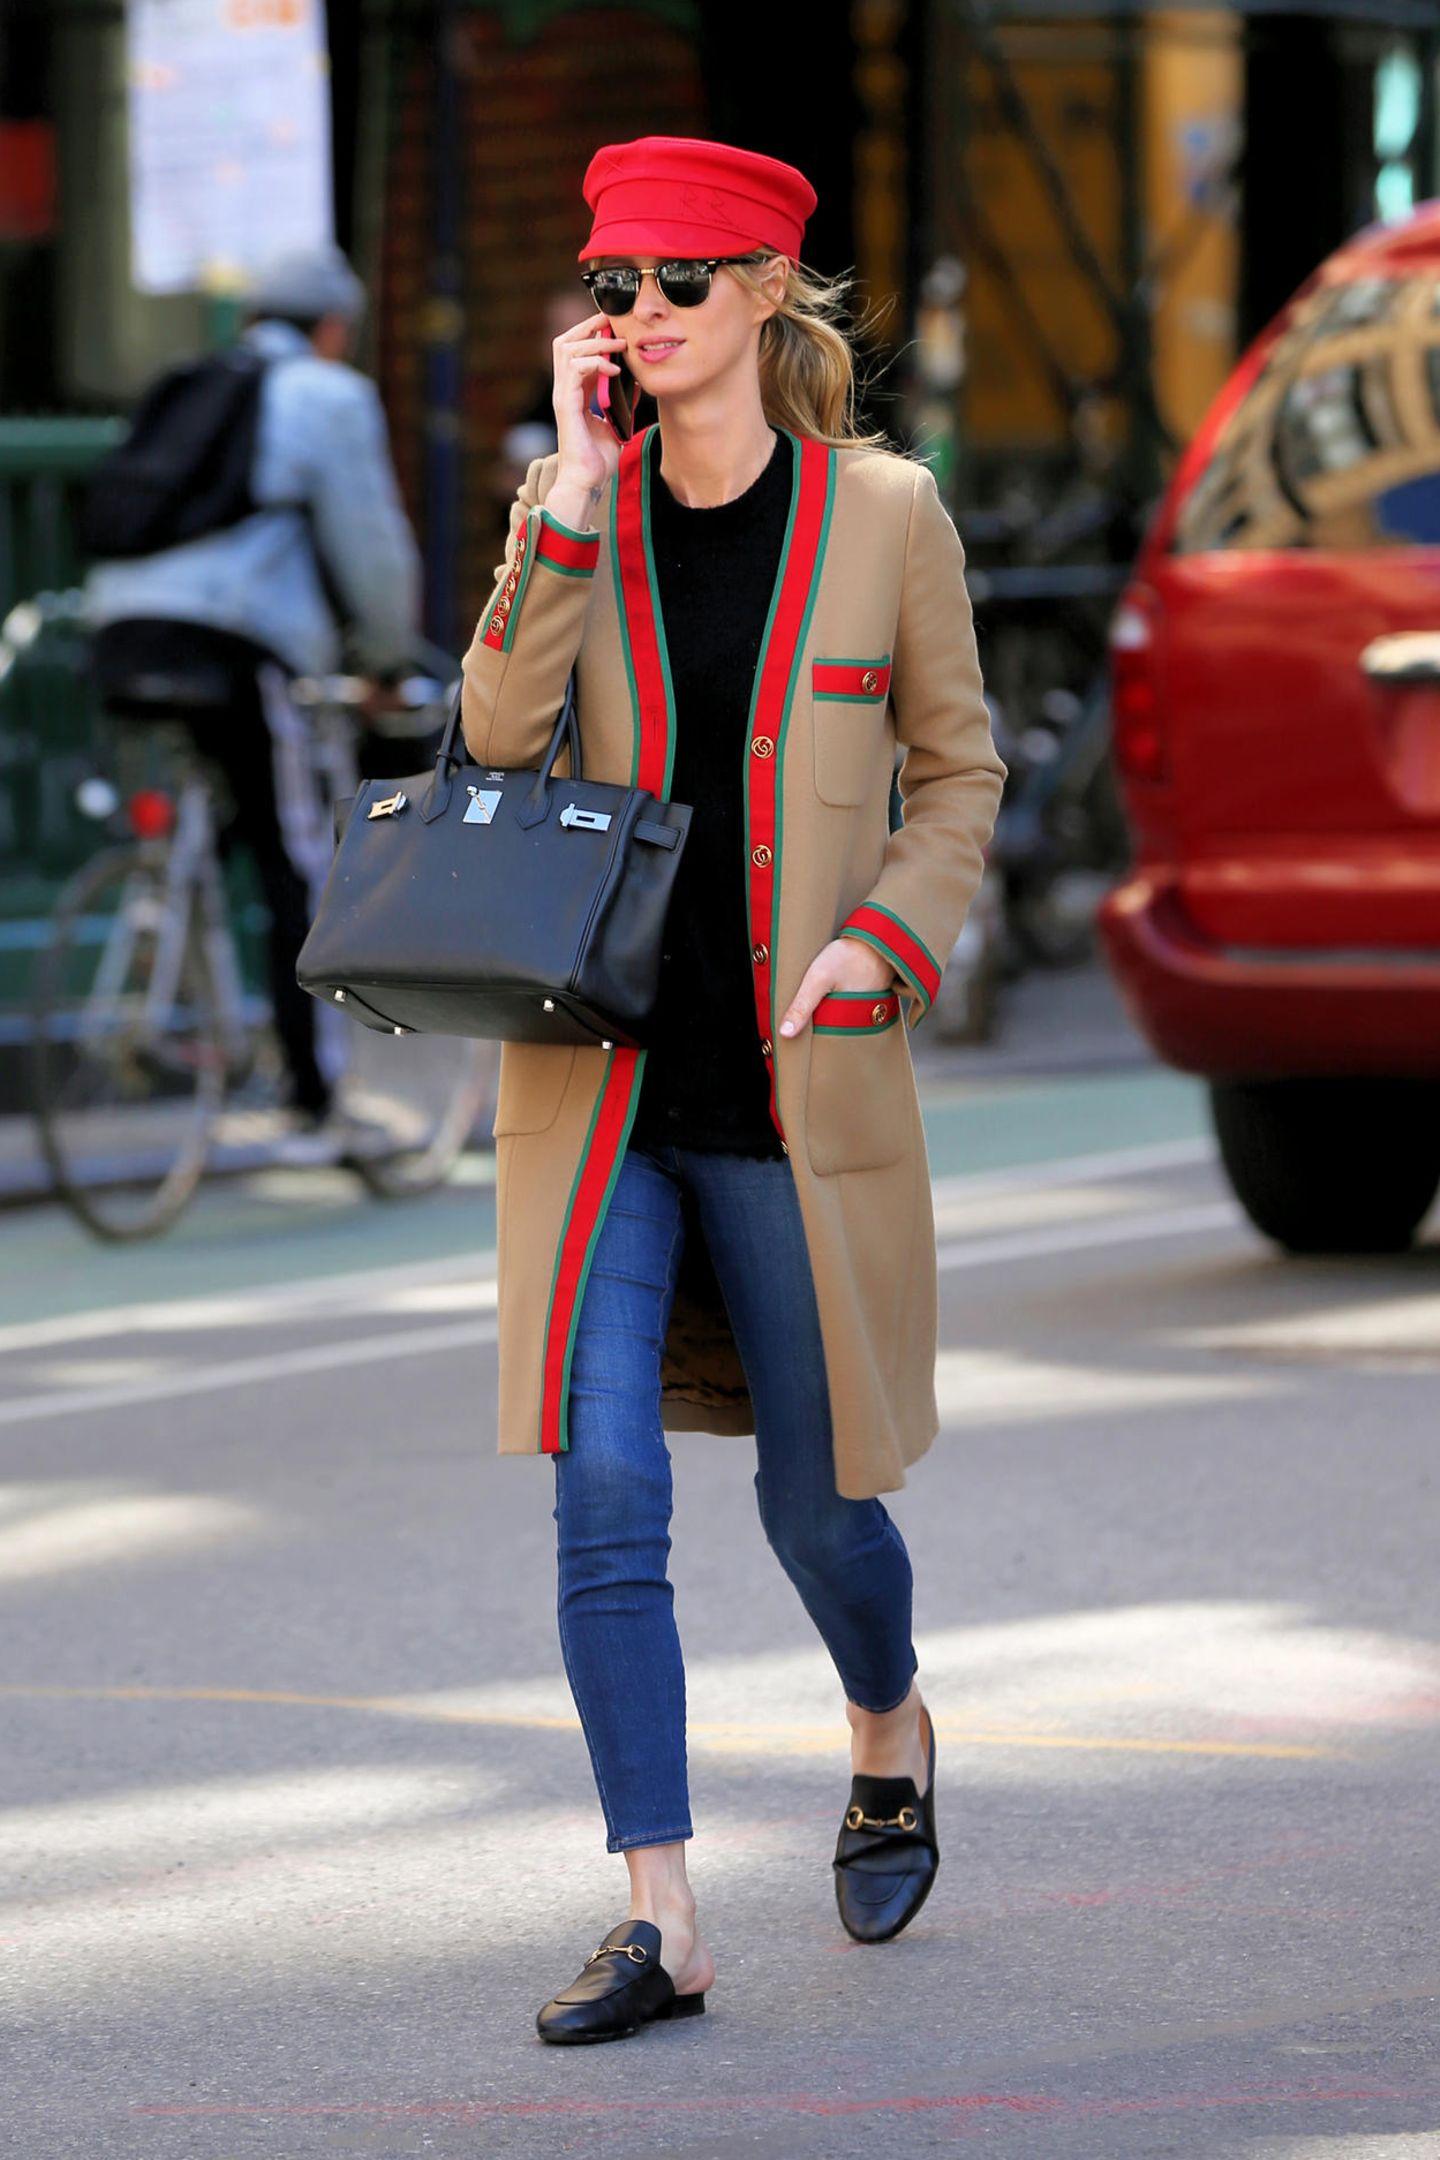 Nicky Hiltons luxuriöser Streetstyle: Mantel (rund 2.500 Euro) und Loafer (rund 600 Euro) von Gucci, Cap (rund 250 Euro) von RuslanBaginskiy undHermès Birkin Bag (rund. 8.000 Euro). Ihre Sonnenbrille von Ray Ban ist mit rund 100 Euro im Vergleich ein echtes Schnäppchen. Der Look der Hotelerbin kostet ingesamt 11.450 Euro,Sweatshirt und Jeans nicht eingerechnet.